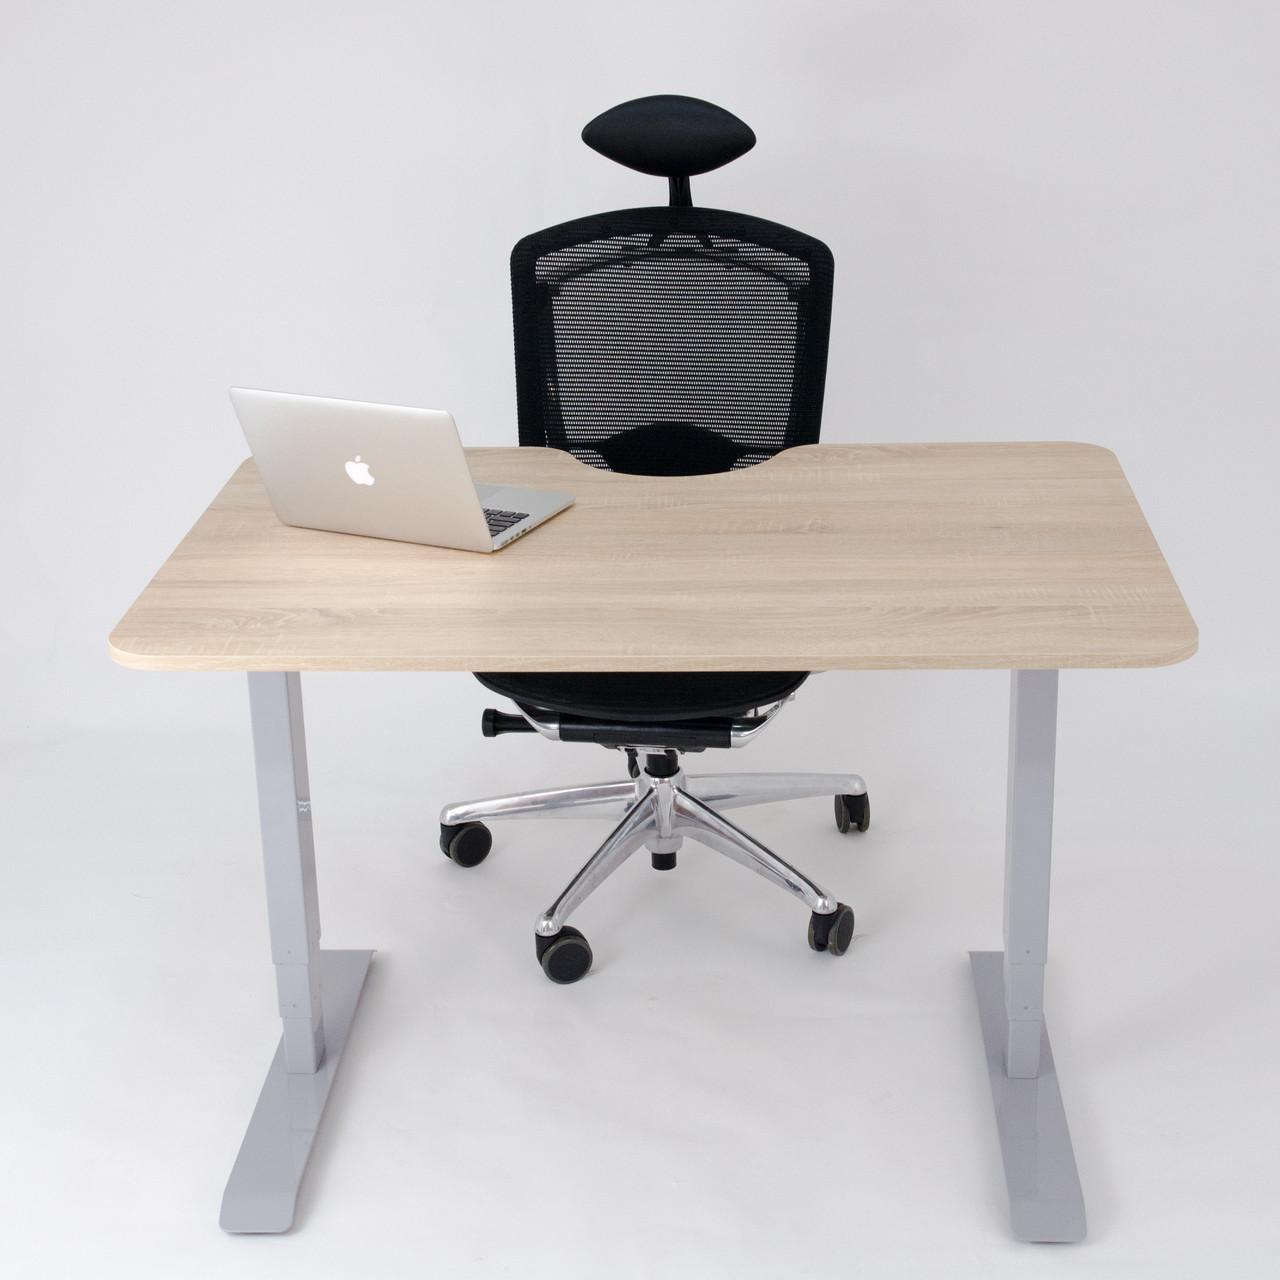 Ergo Place Agile Эргономичный стол для работы стоя и сидя регулируемый по высоте электроприводом